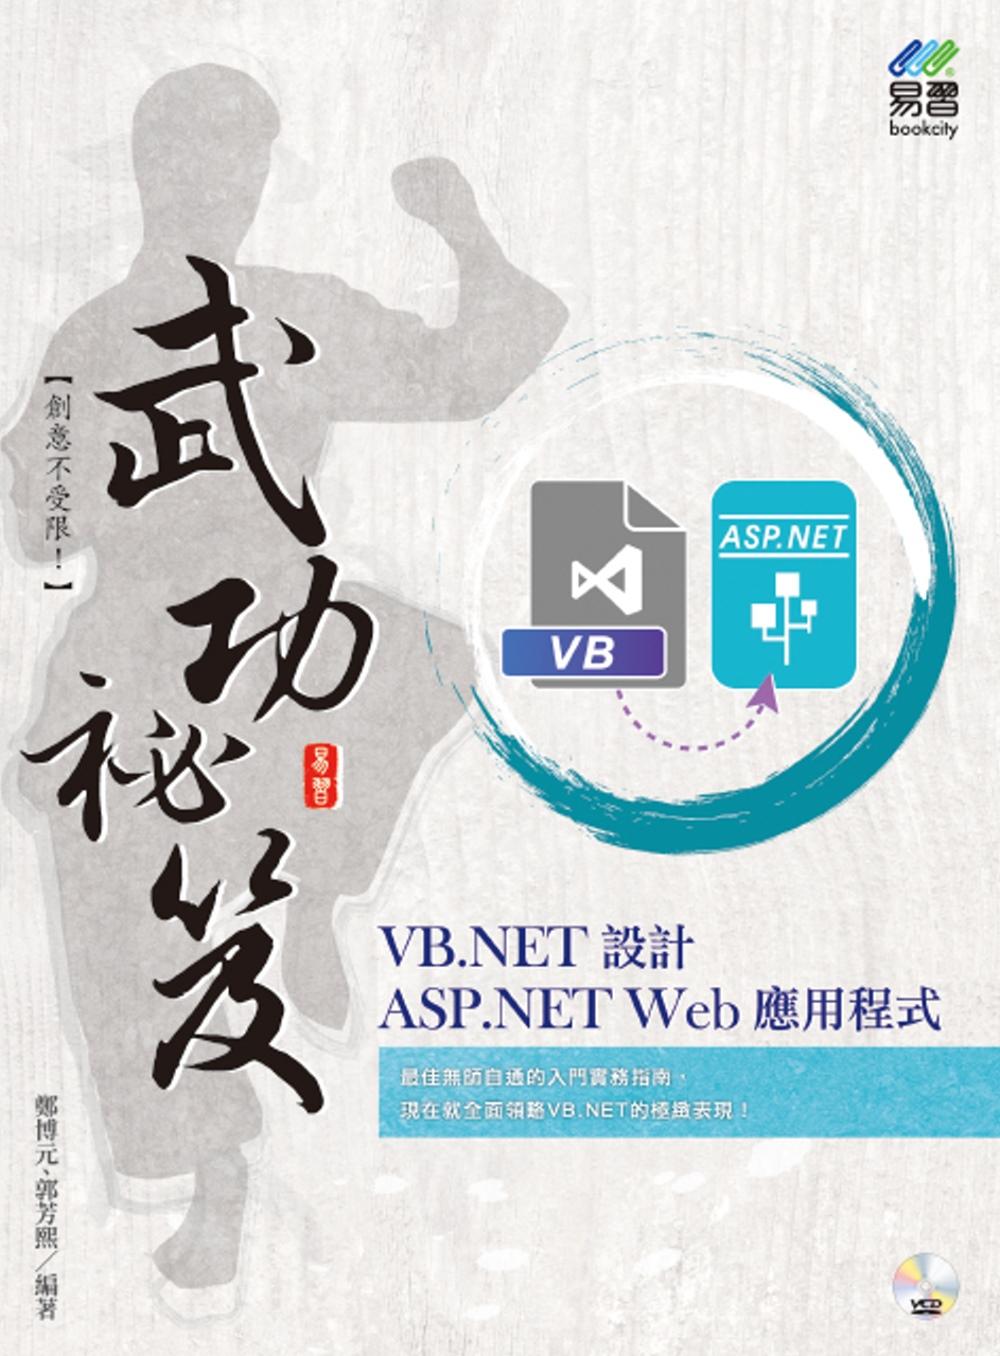 VB.NET設計ASP.NET...